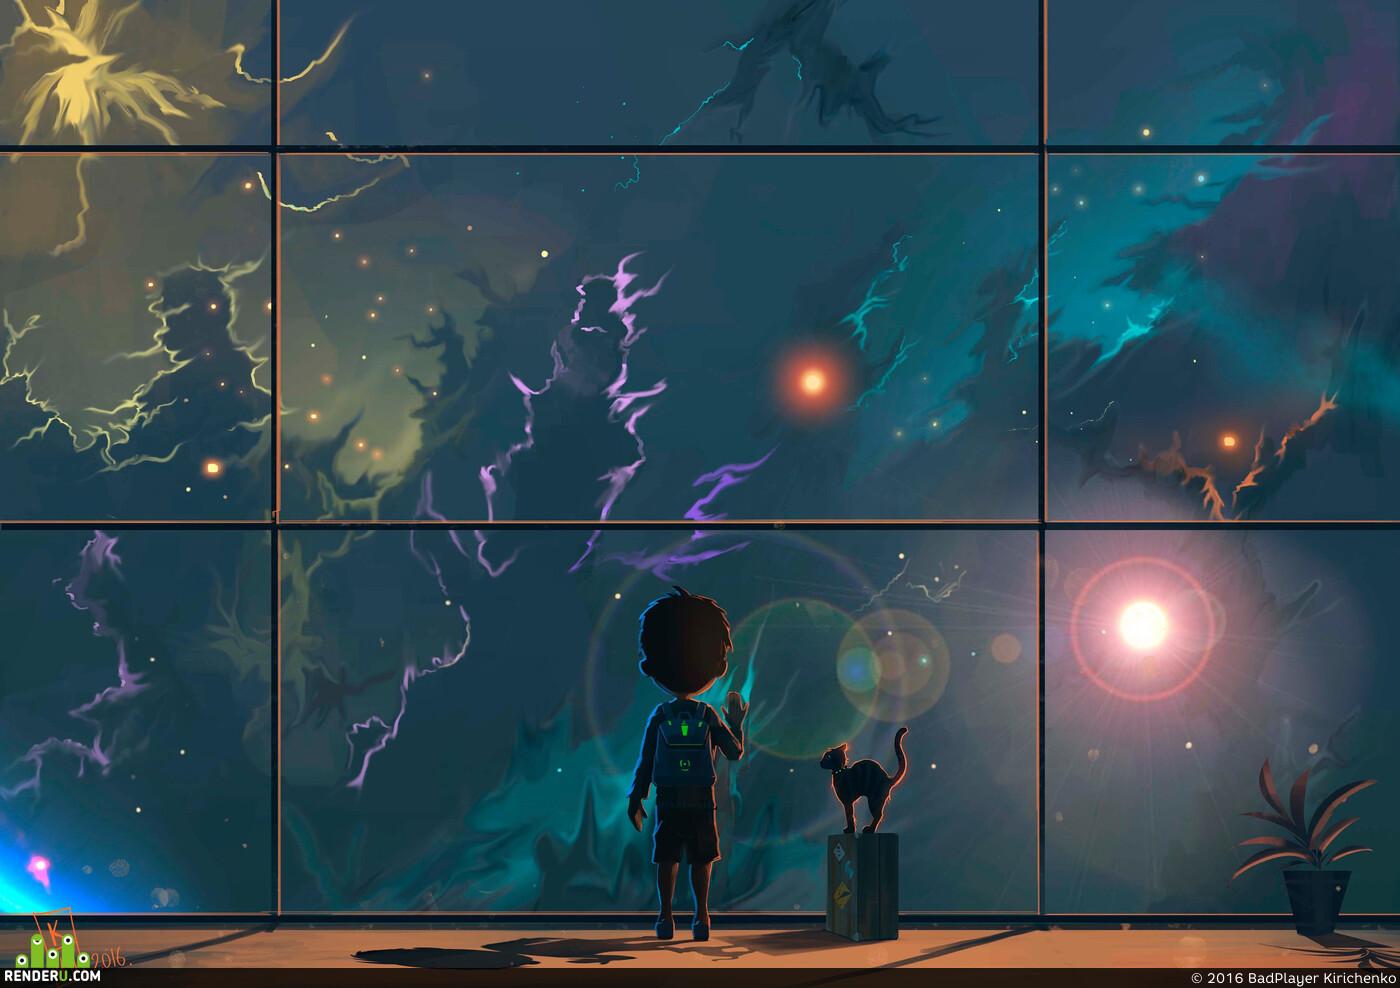 Космос, мальчик, звзеды